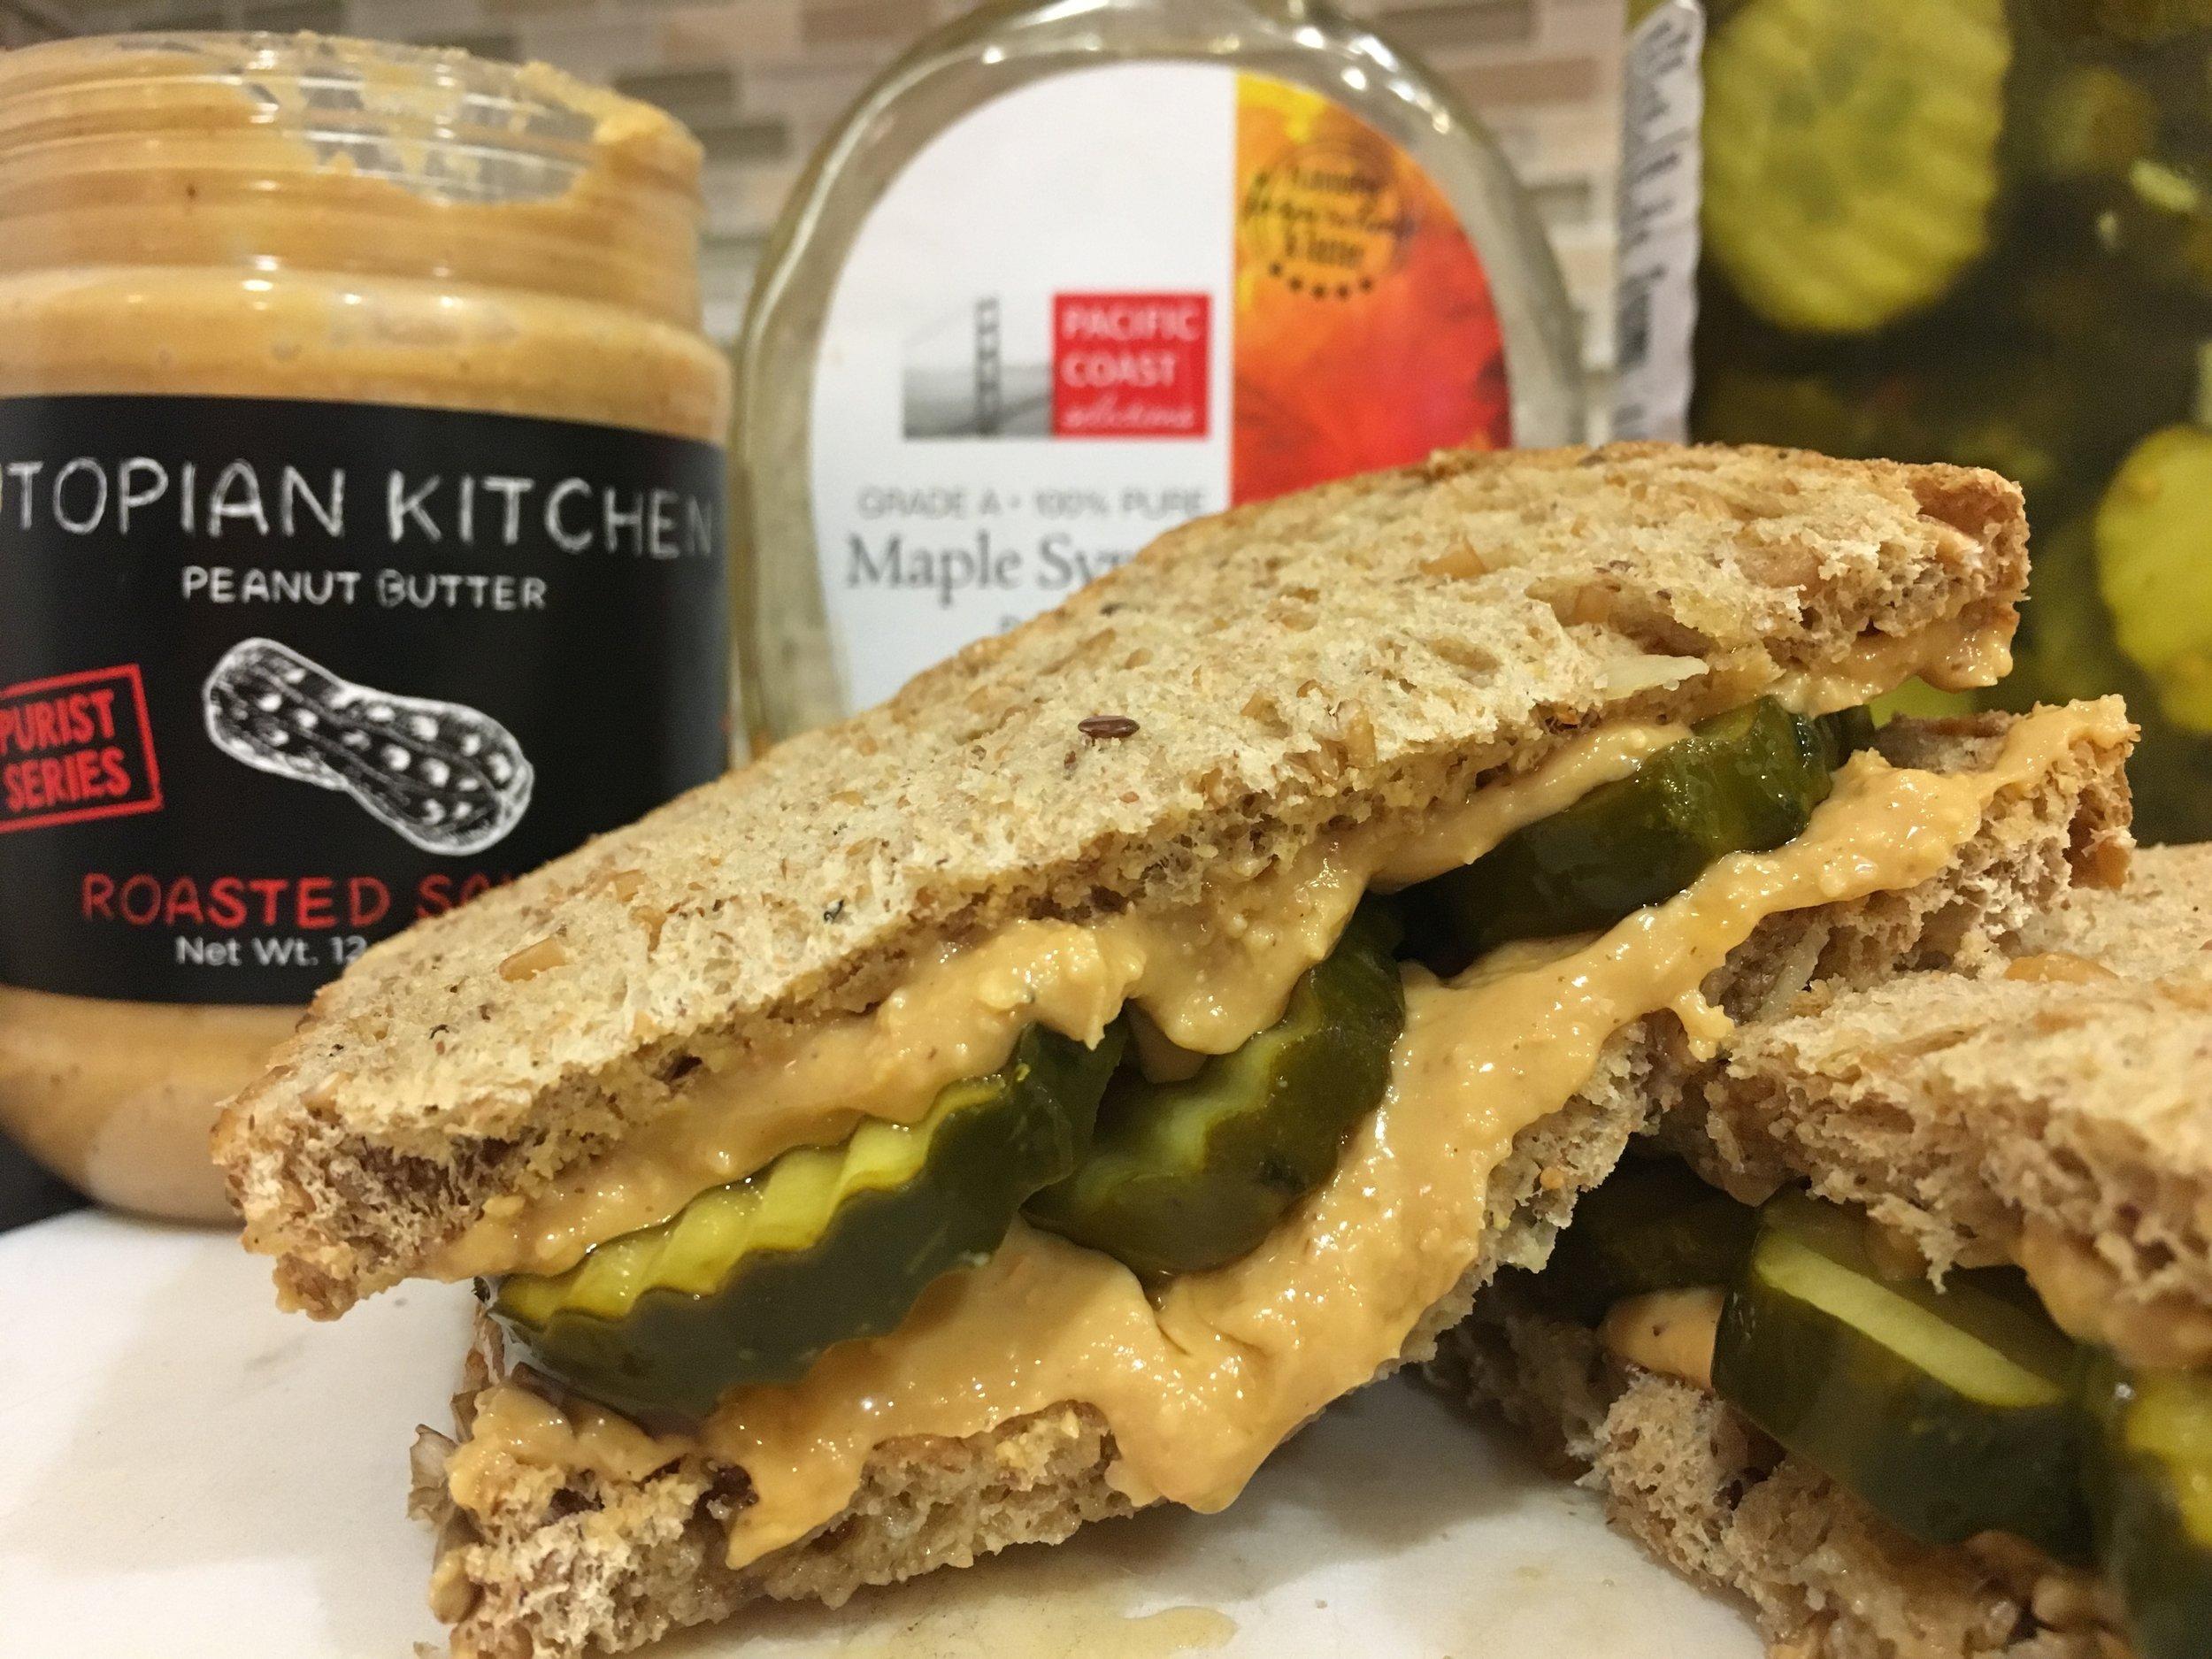 Peanut Butter & Pickle Sandwich -